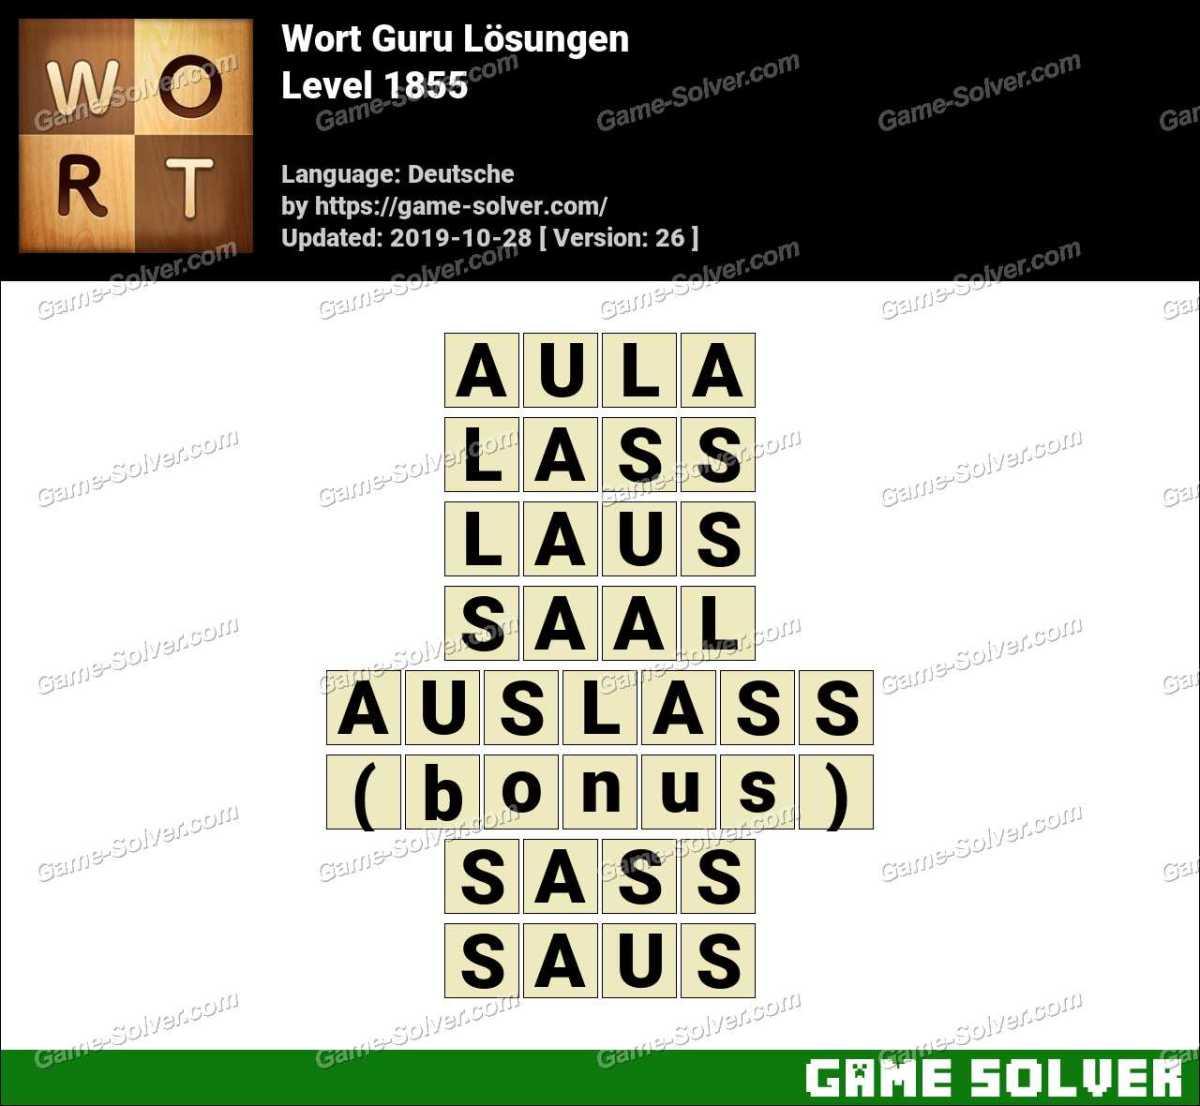 Wort Guru Level 1855 Lösungen